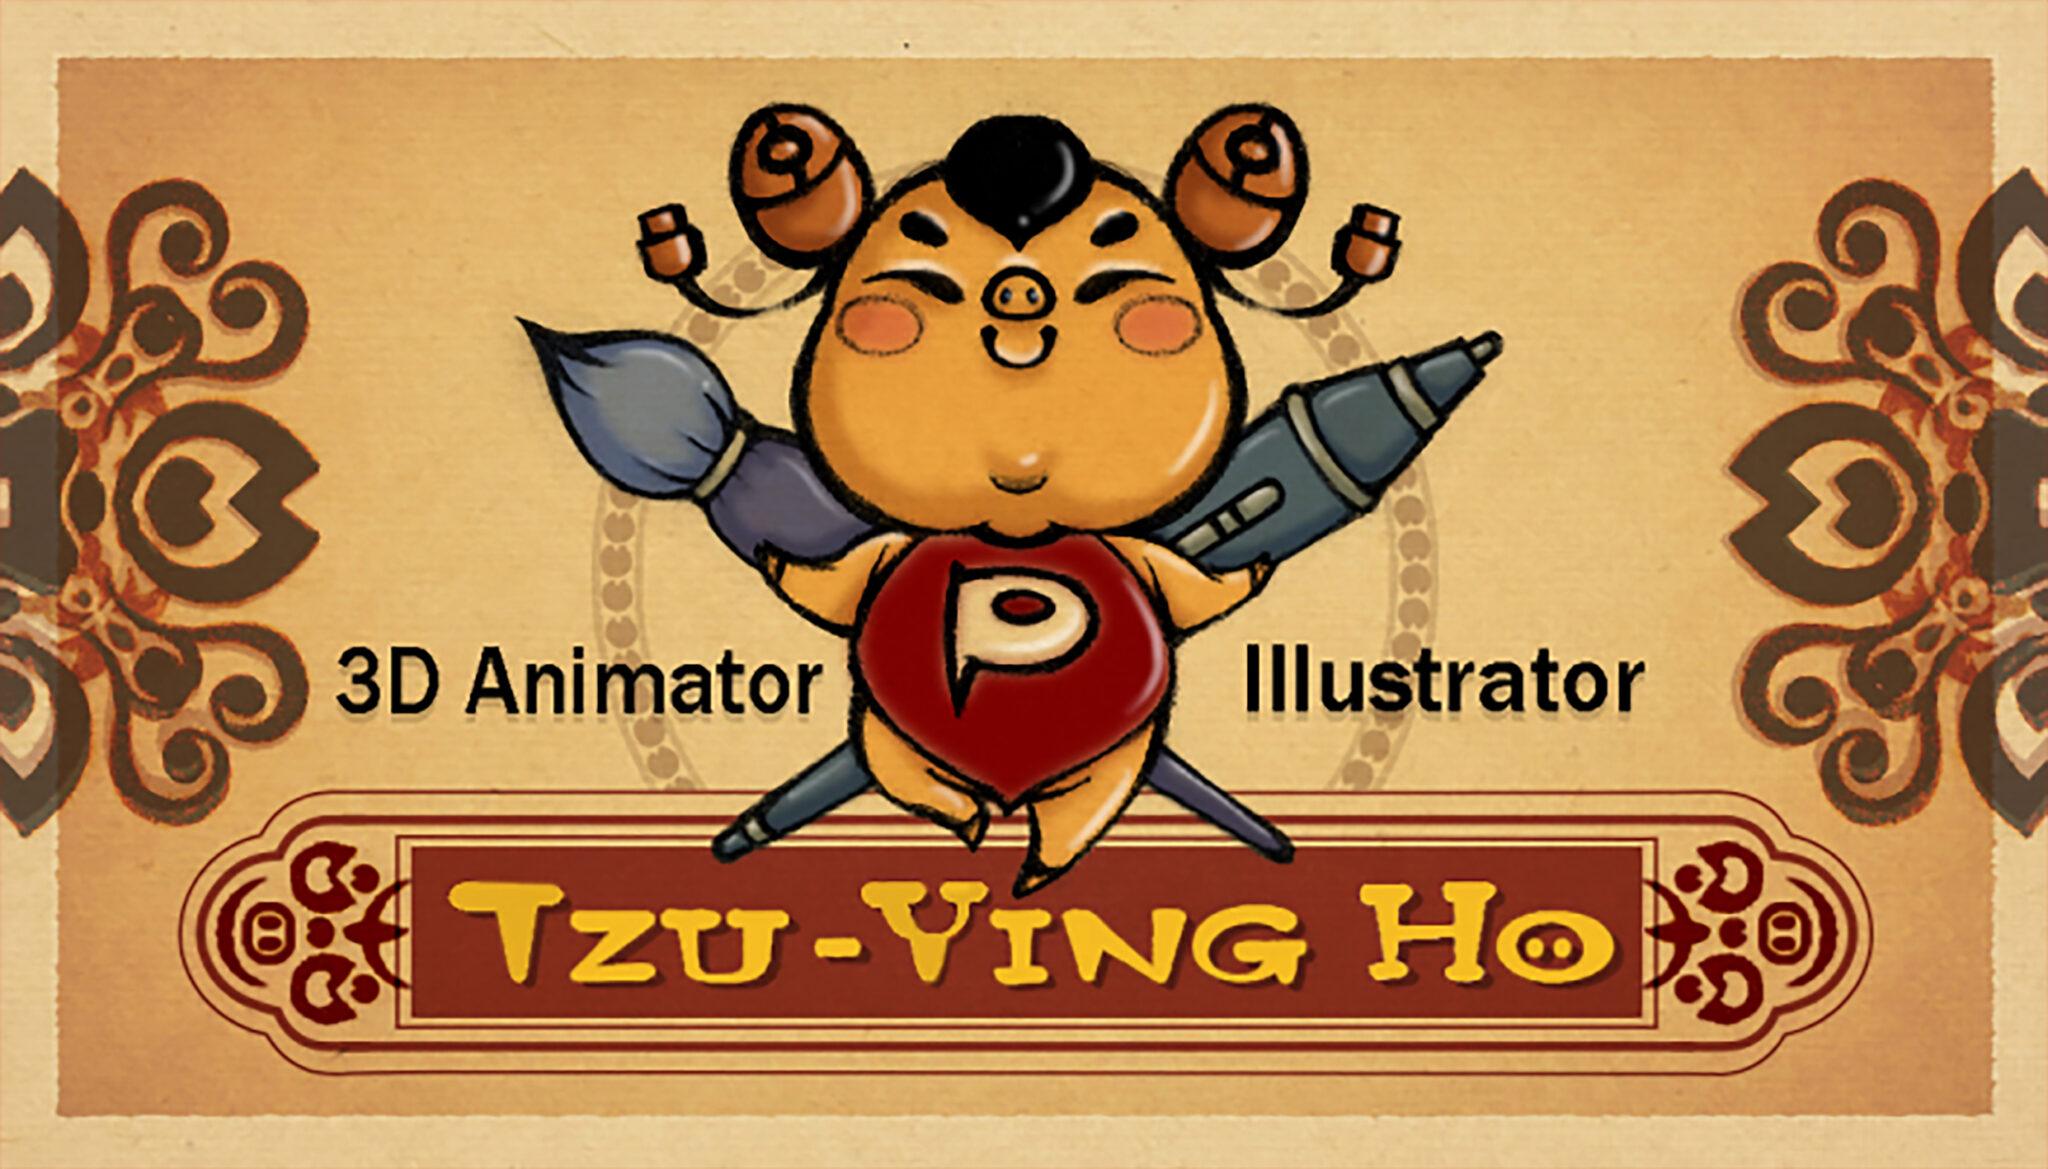 Tzu-Ying Ho